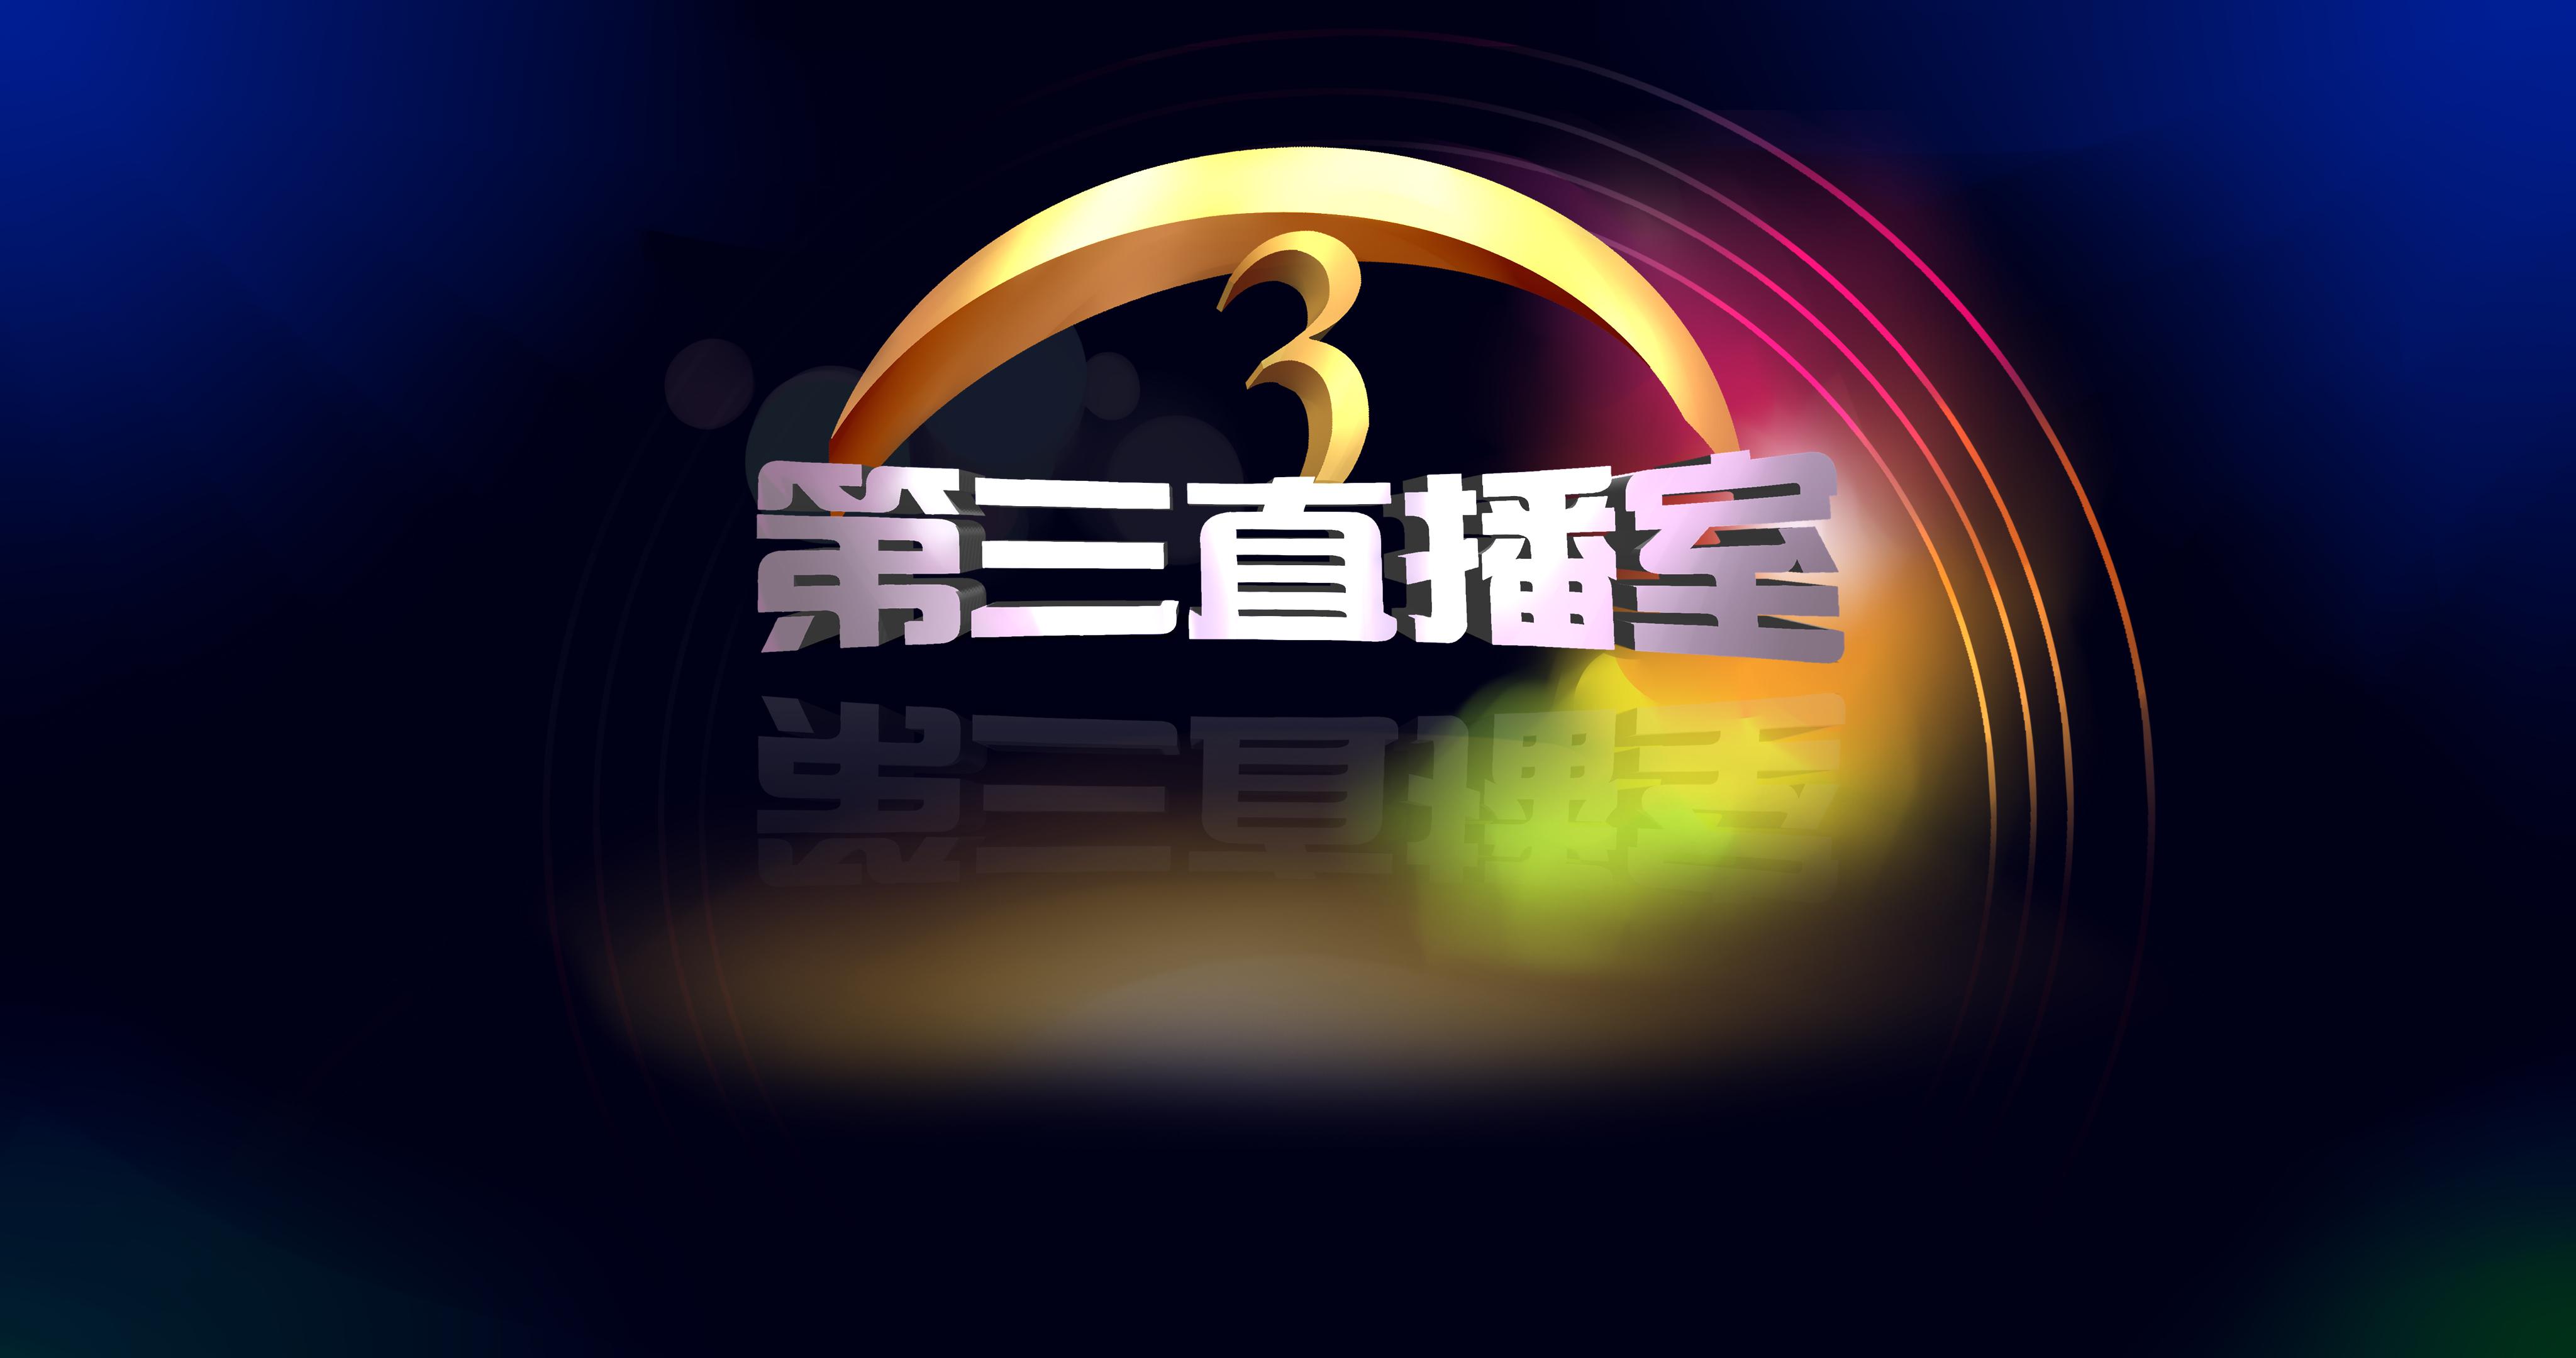 福建:女子遭家暴头骨开裂昏迷63天